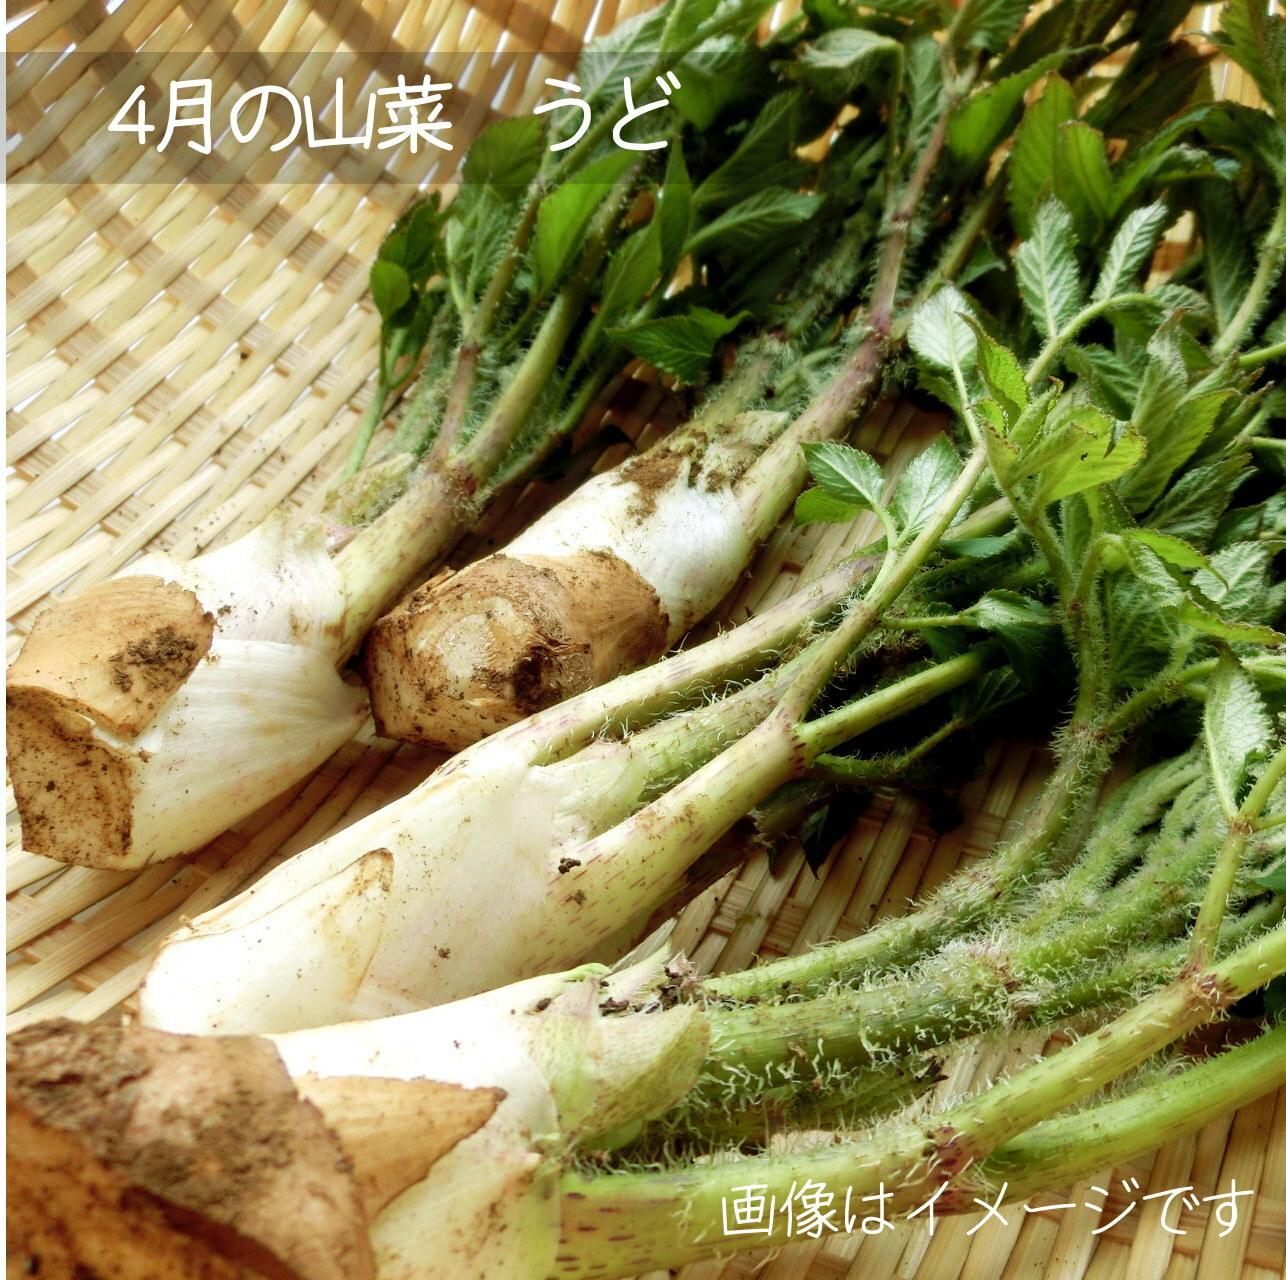 ウド 山菜 4月の朝採り直売野菜 4月27日発送予定